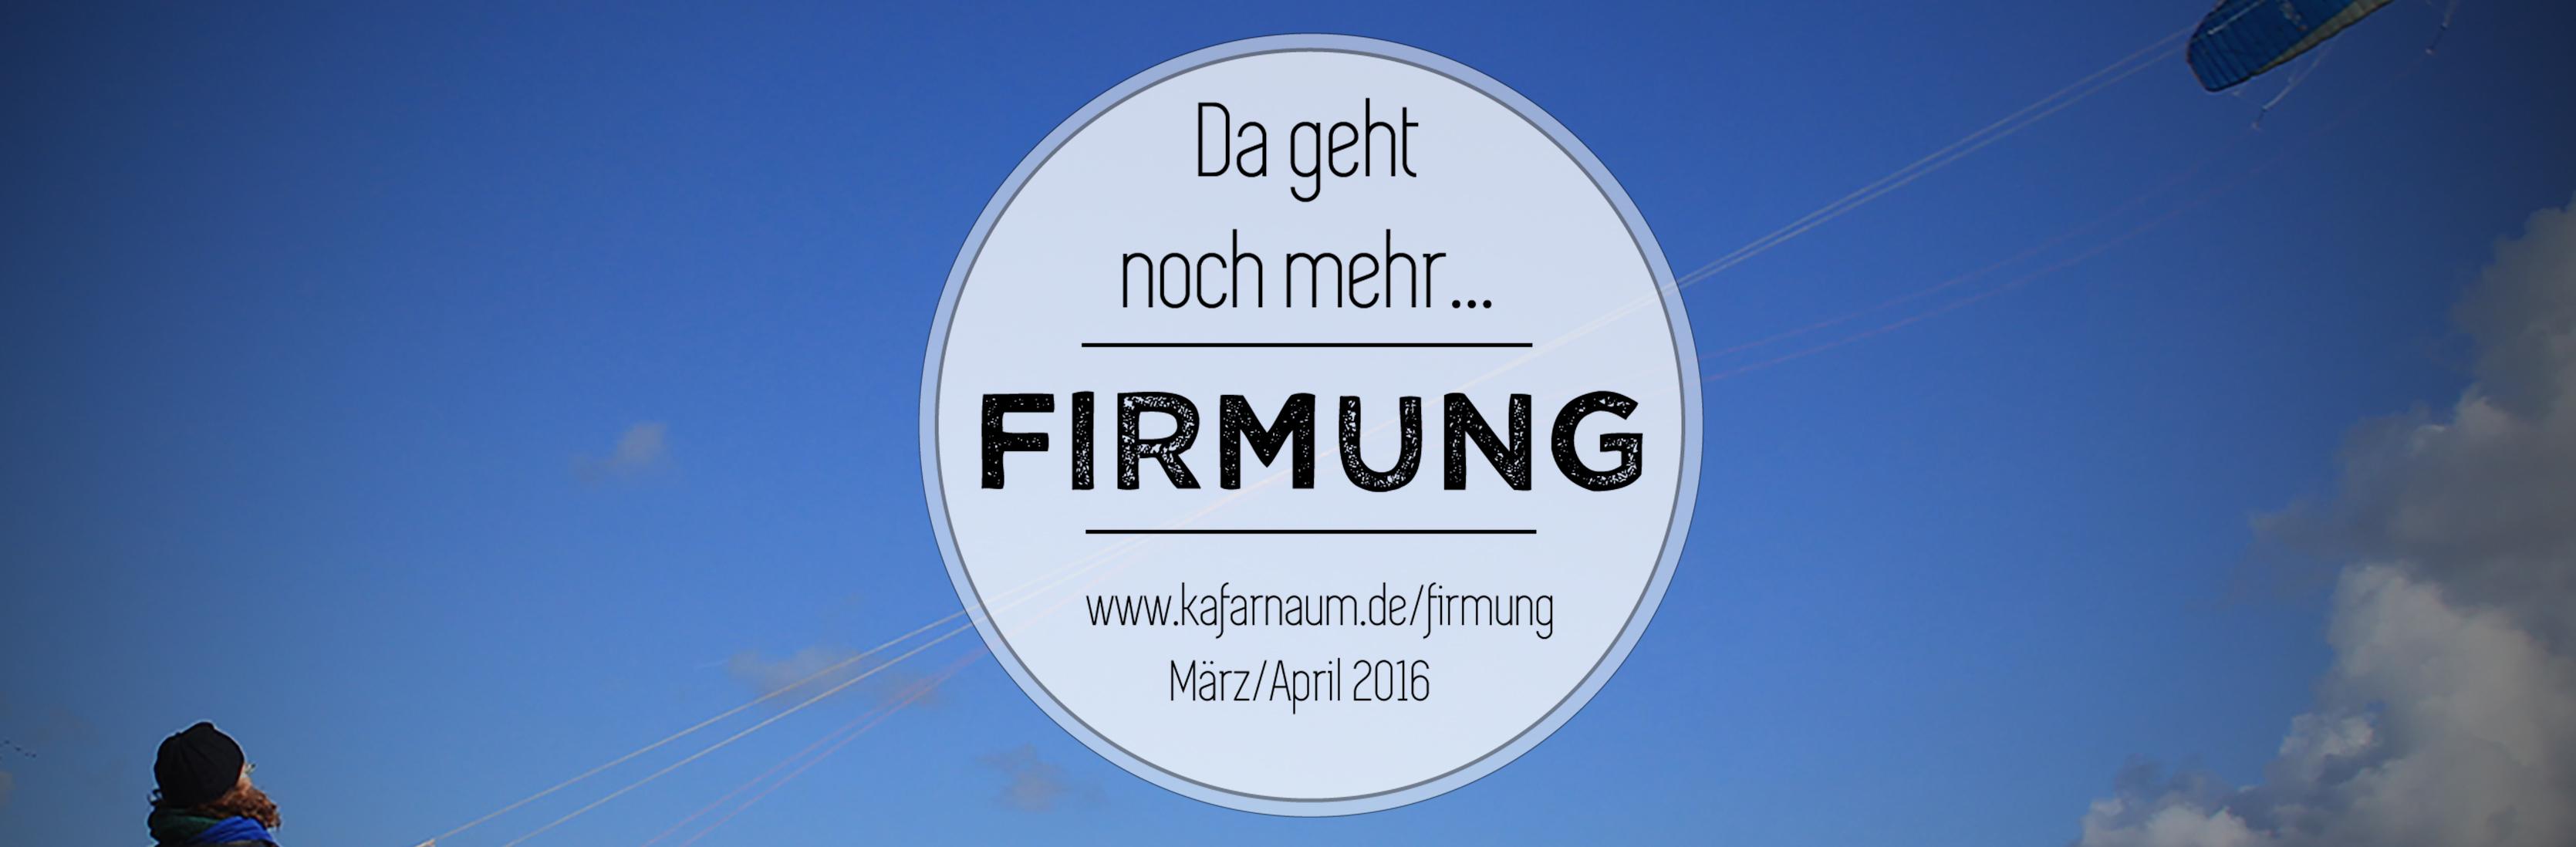 firmung_banner